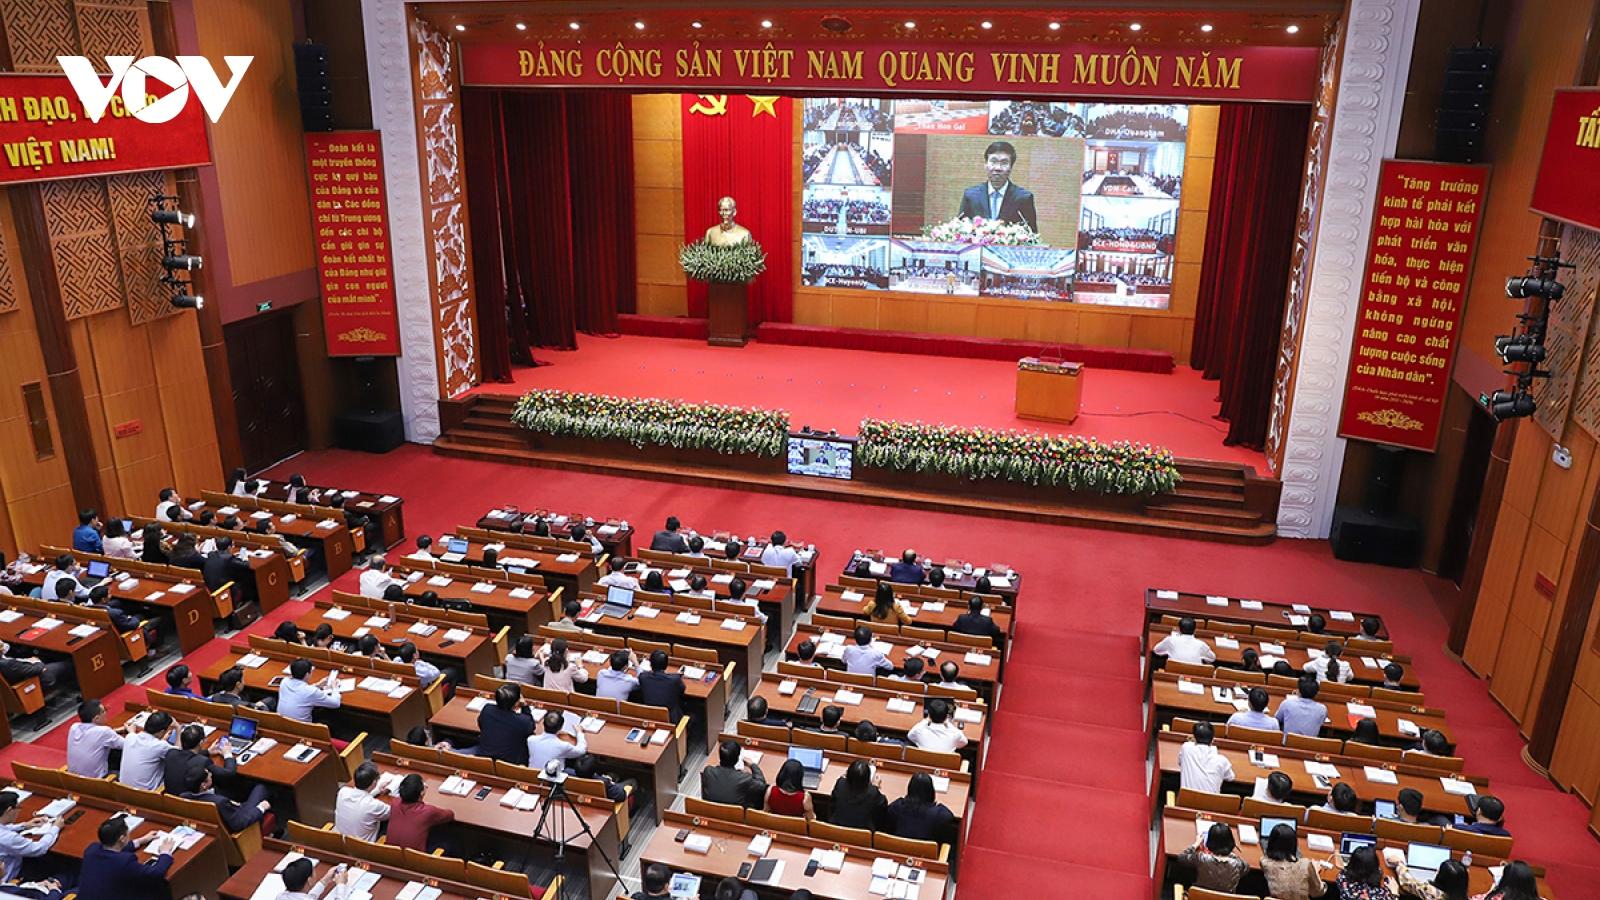 Đảng viên hào hứng quán triệt Nghị quyết Đại hội XIII qua hình thức trực tuyến